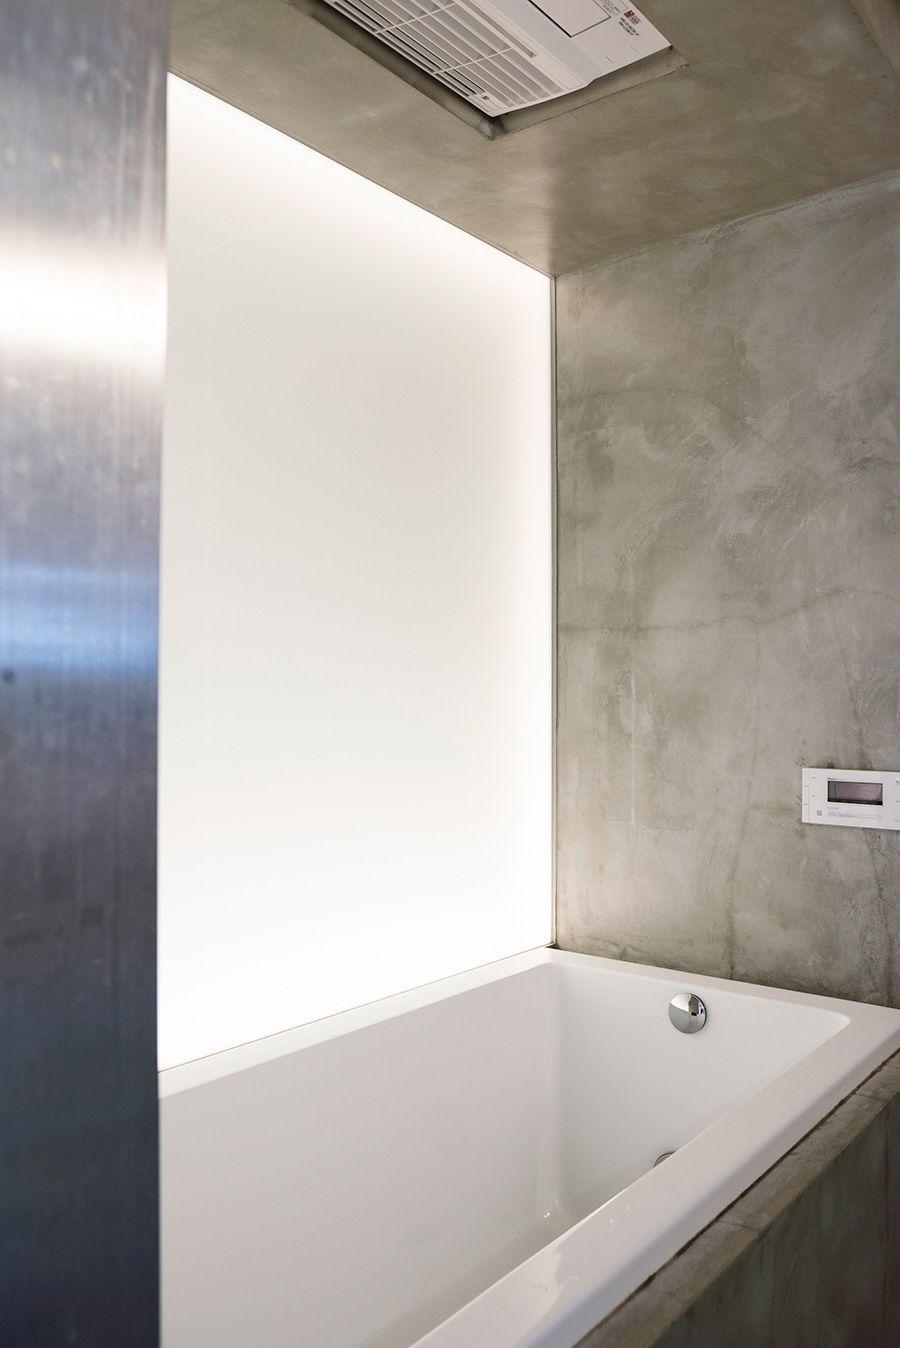 モルタルのモダンでクリーンなバスルーム 配管のあった壁側は内照式の